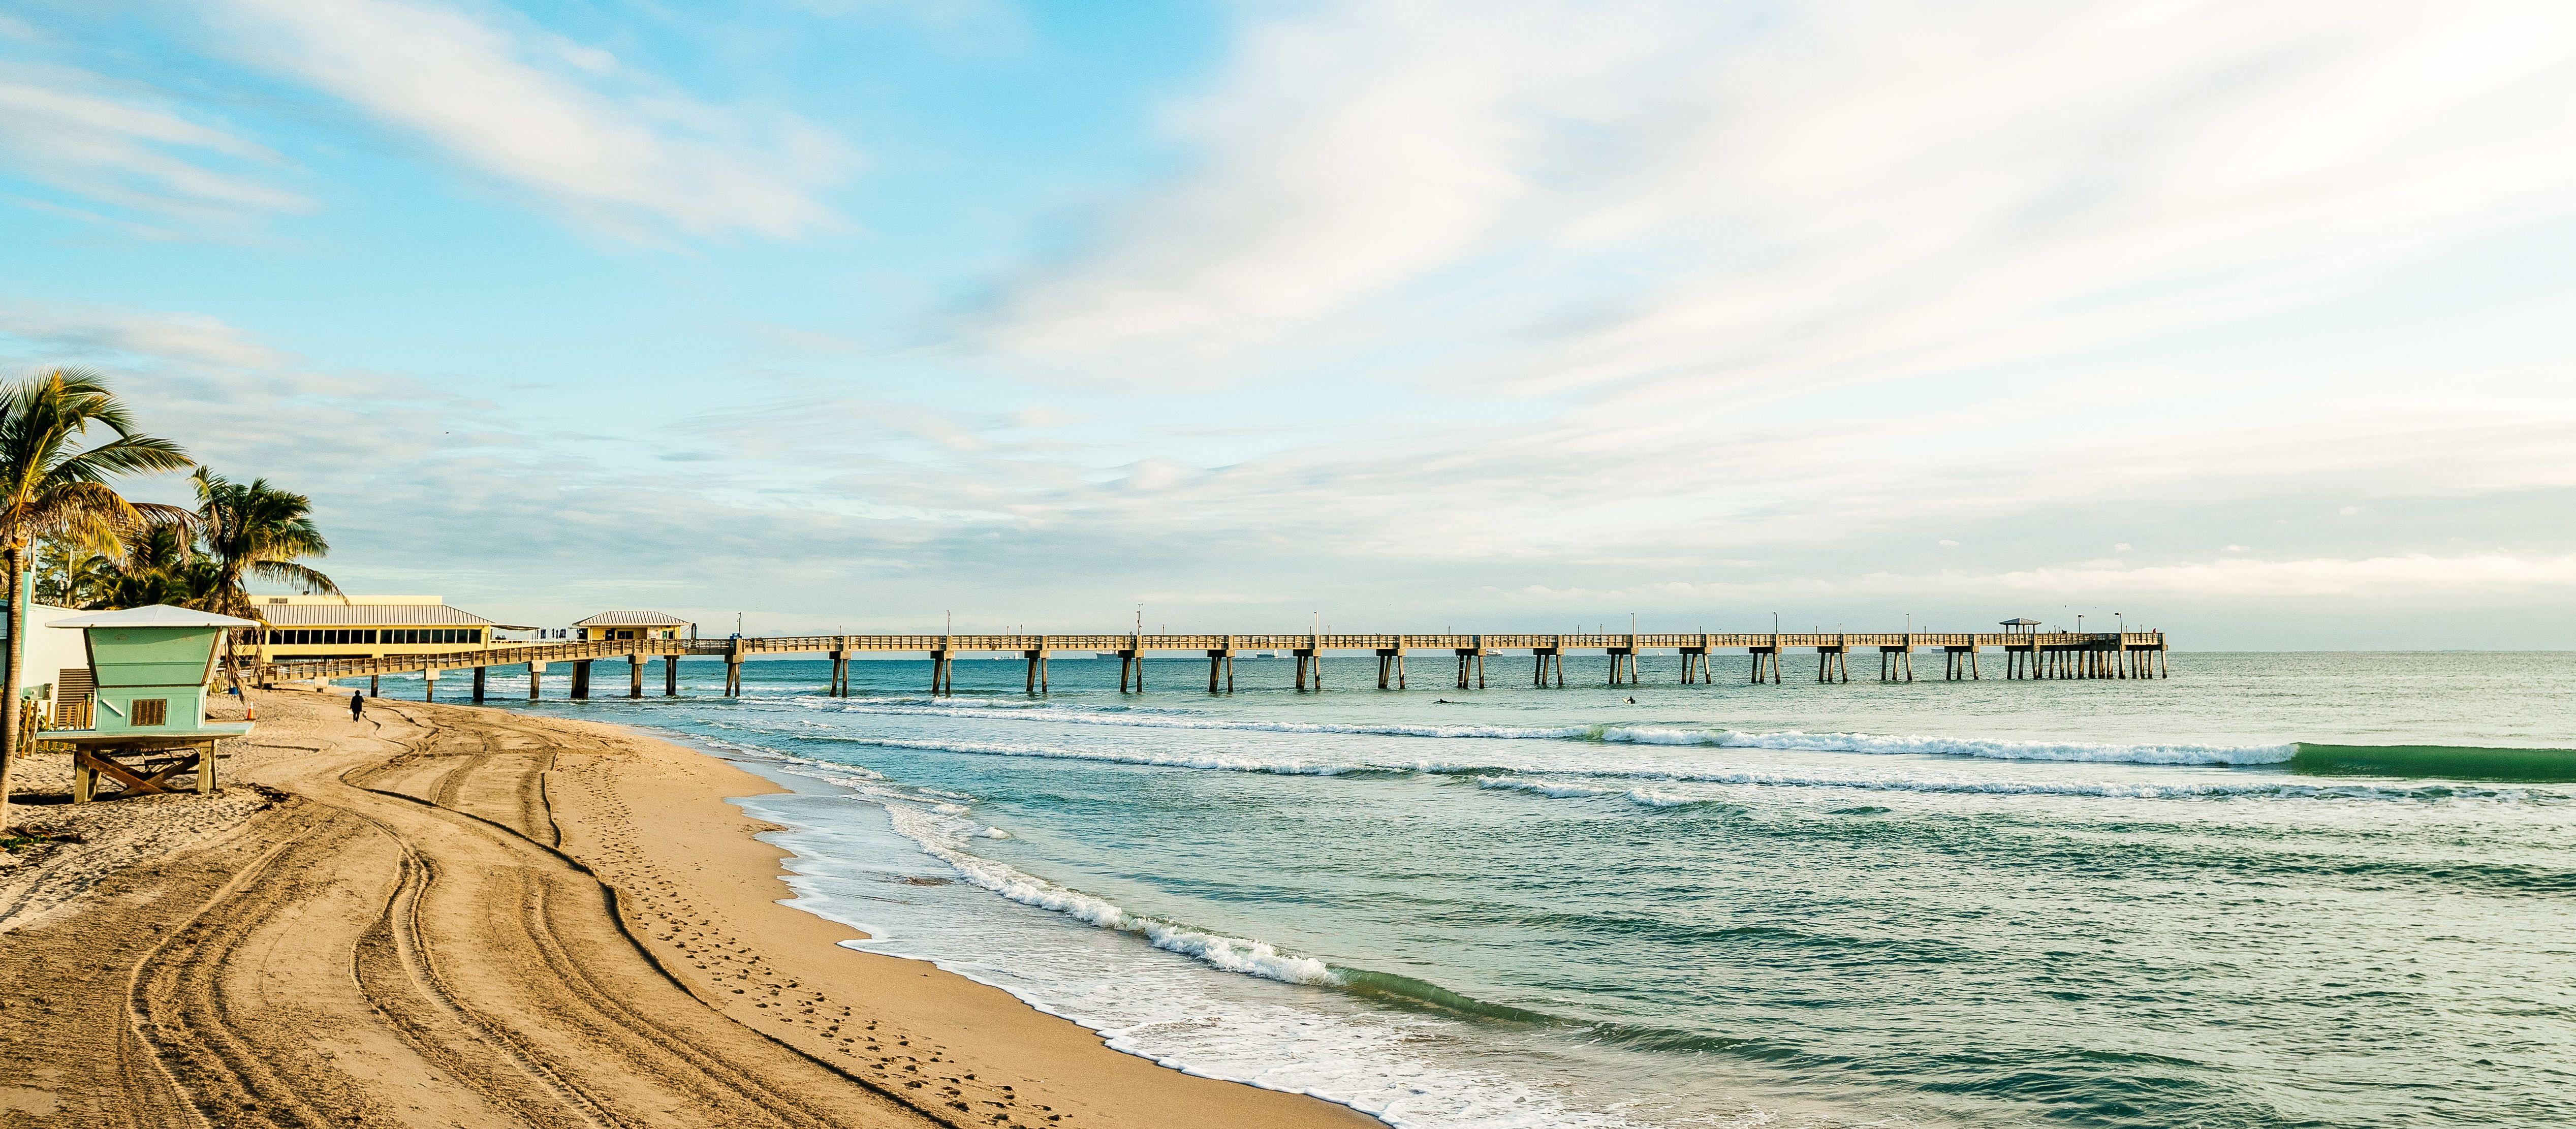 Der Diana Beach Pier in Fort Lauderdale, Florida